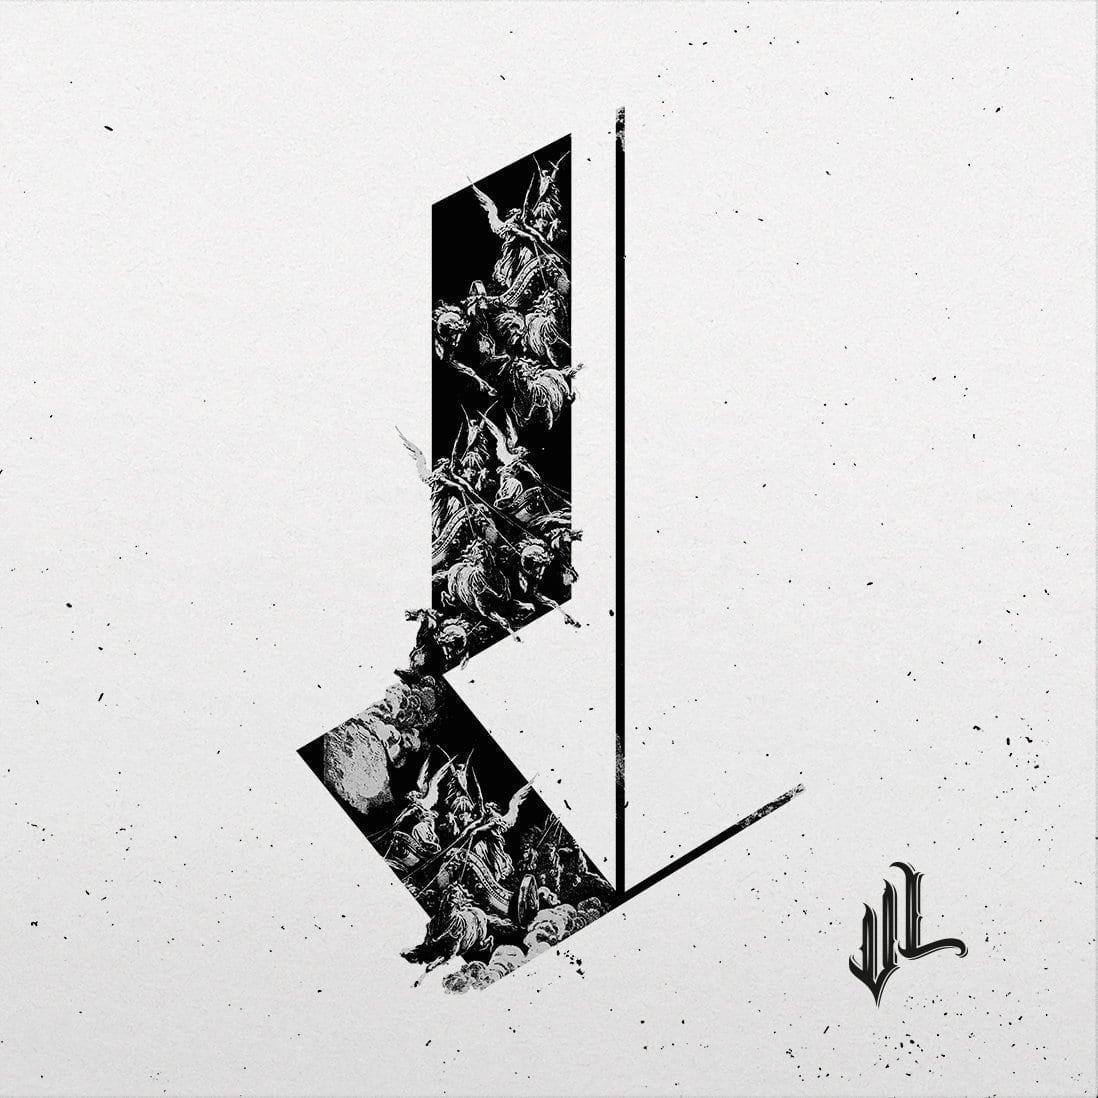 Hector - Rogue Traders EP [VL Recordings]